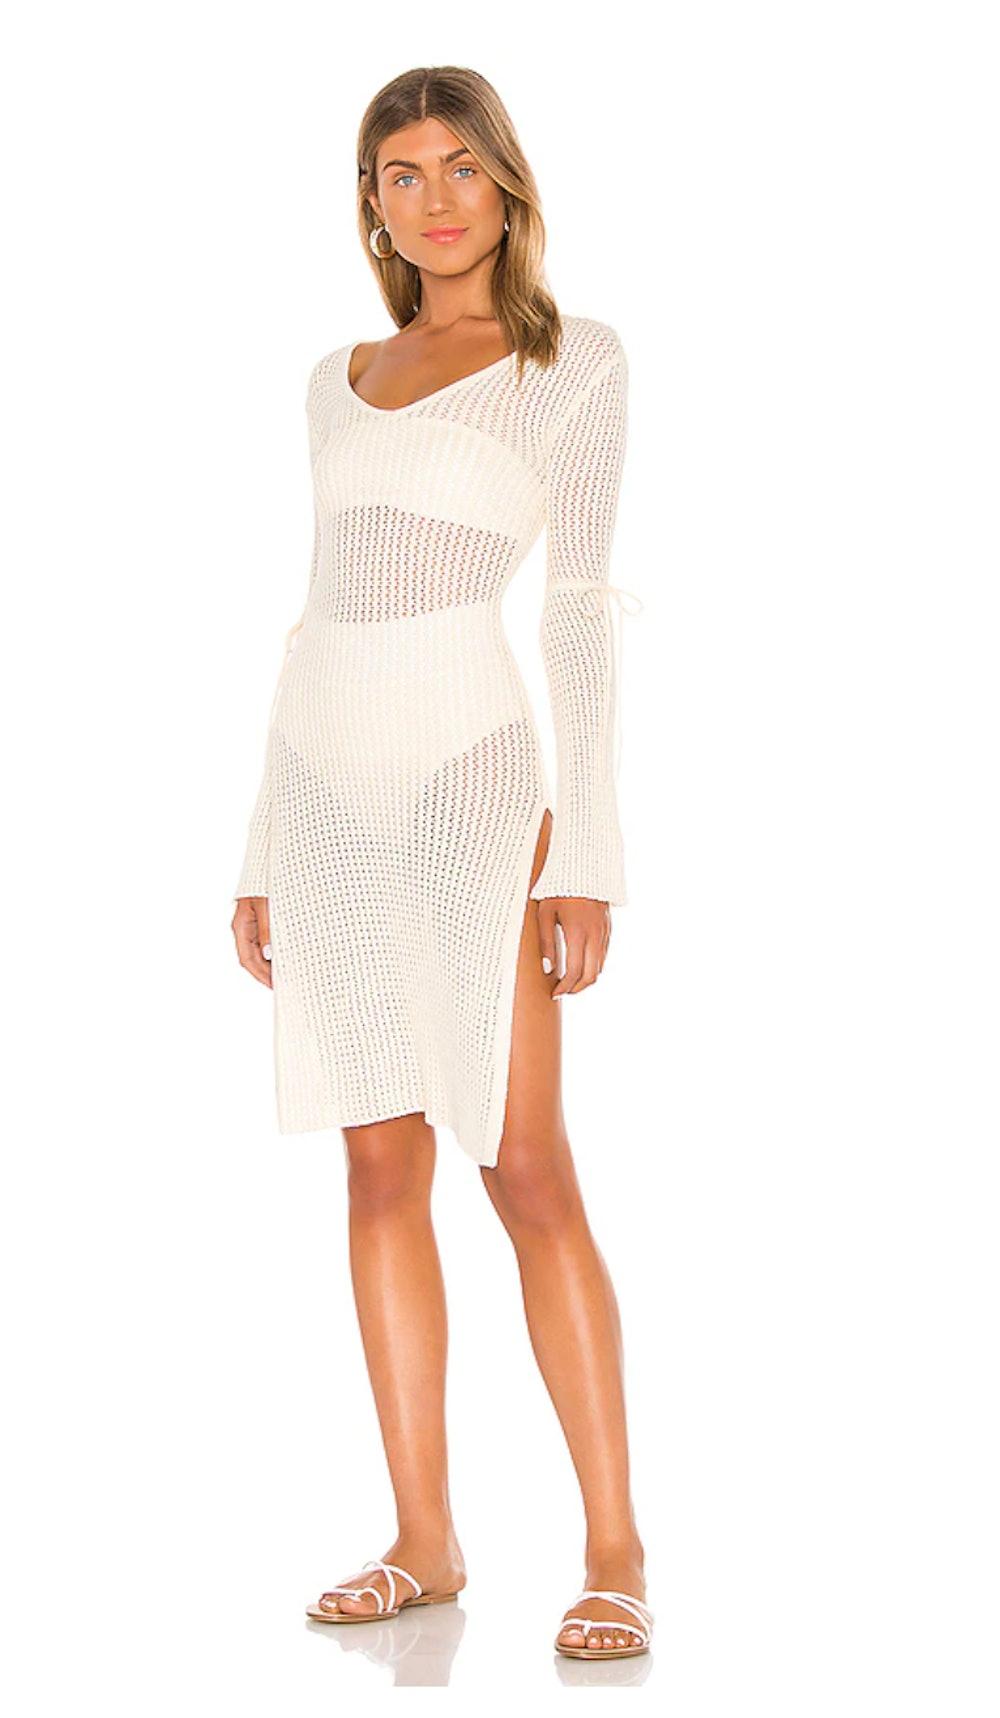 Solta Knit Dress